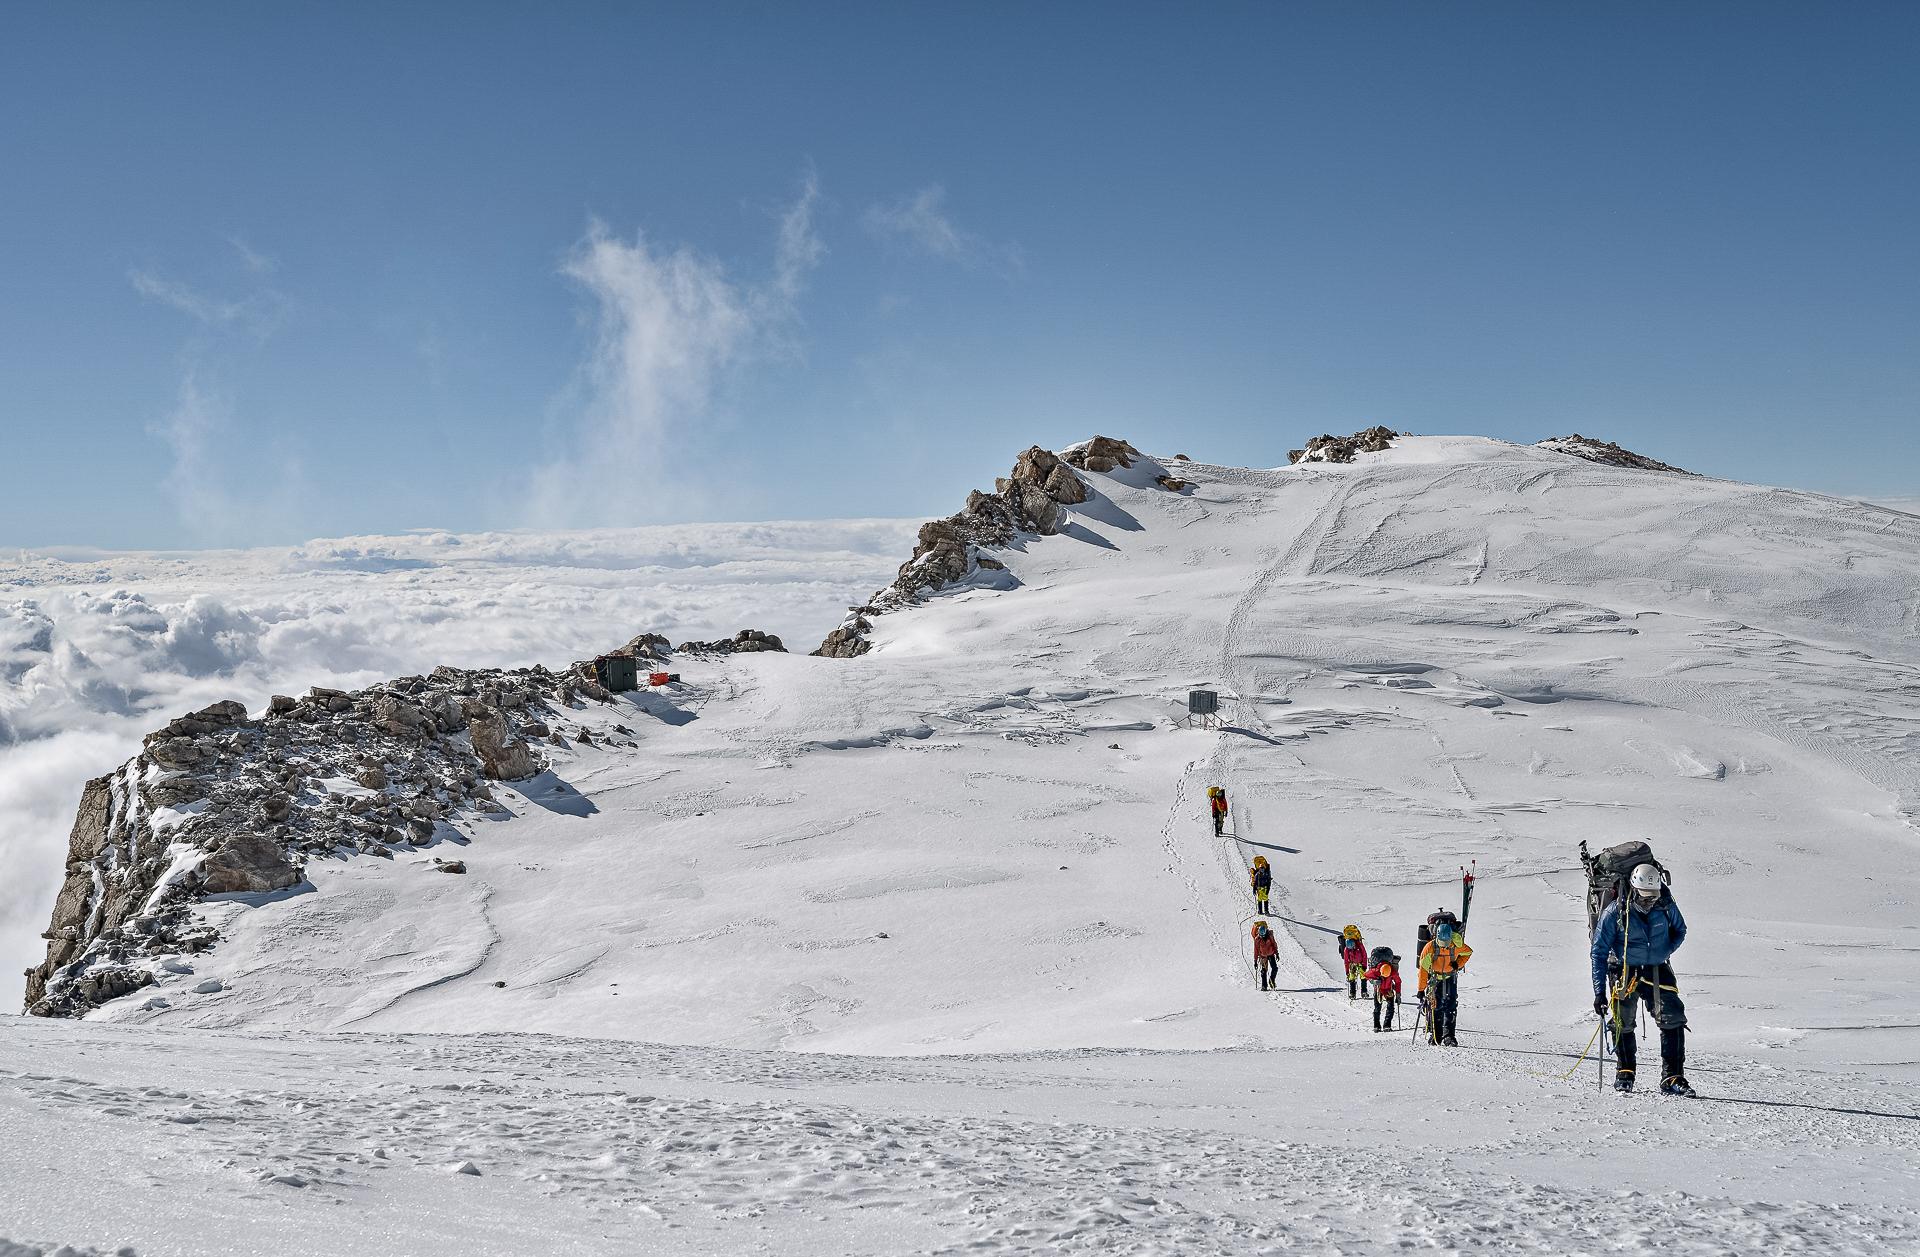 17,000 ft, Denali